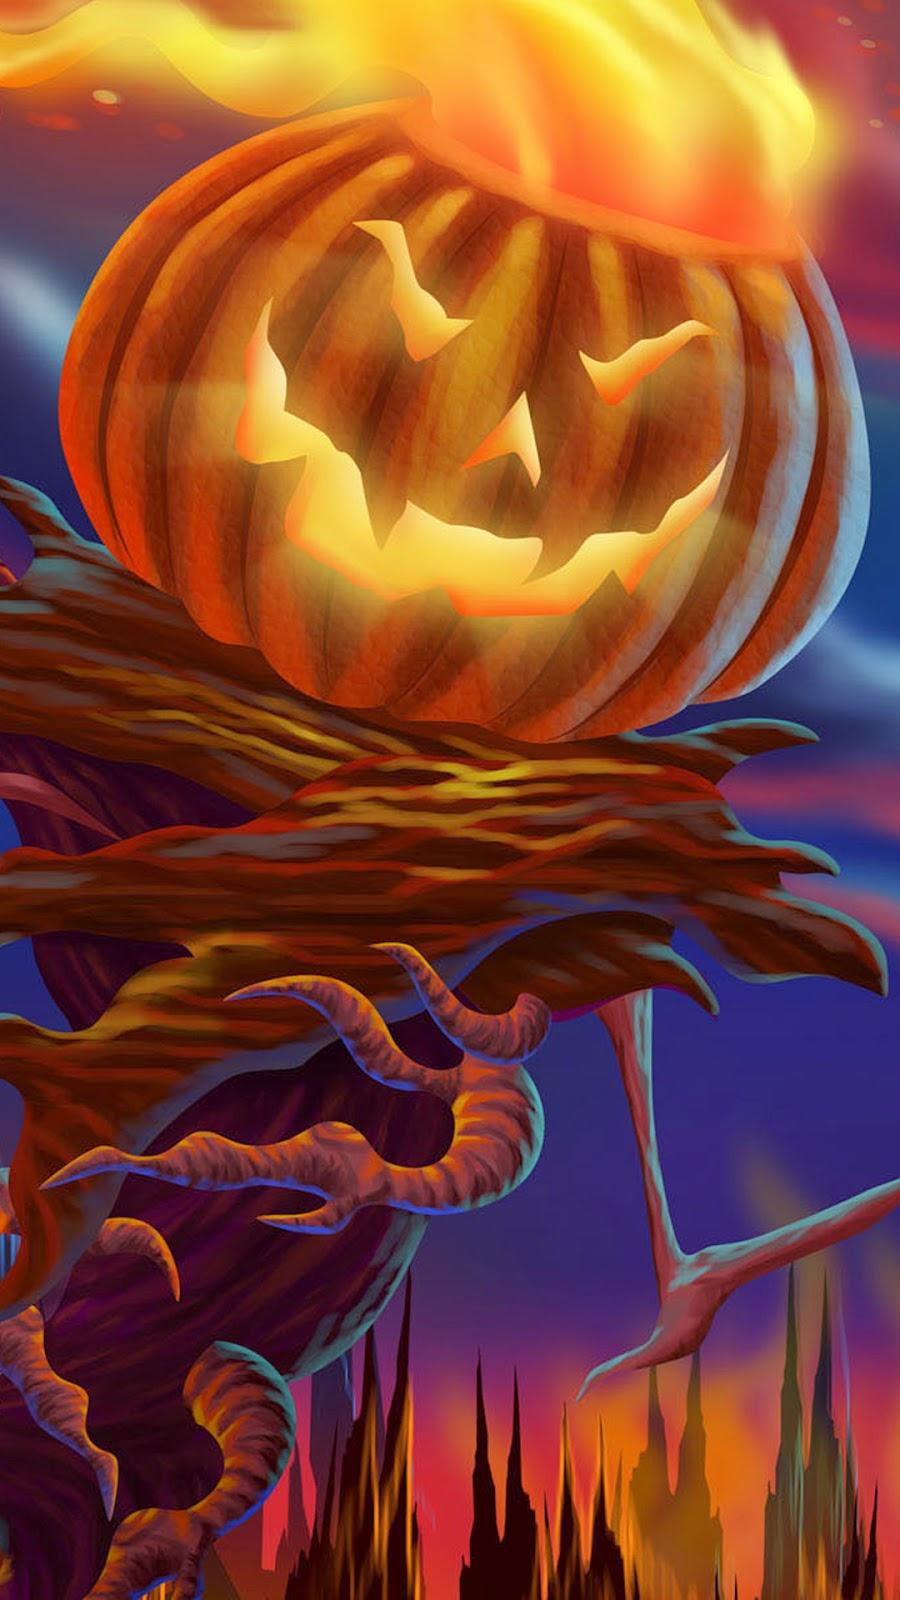 iPhone 6 Plus Halloween Wallpaper